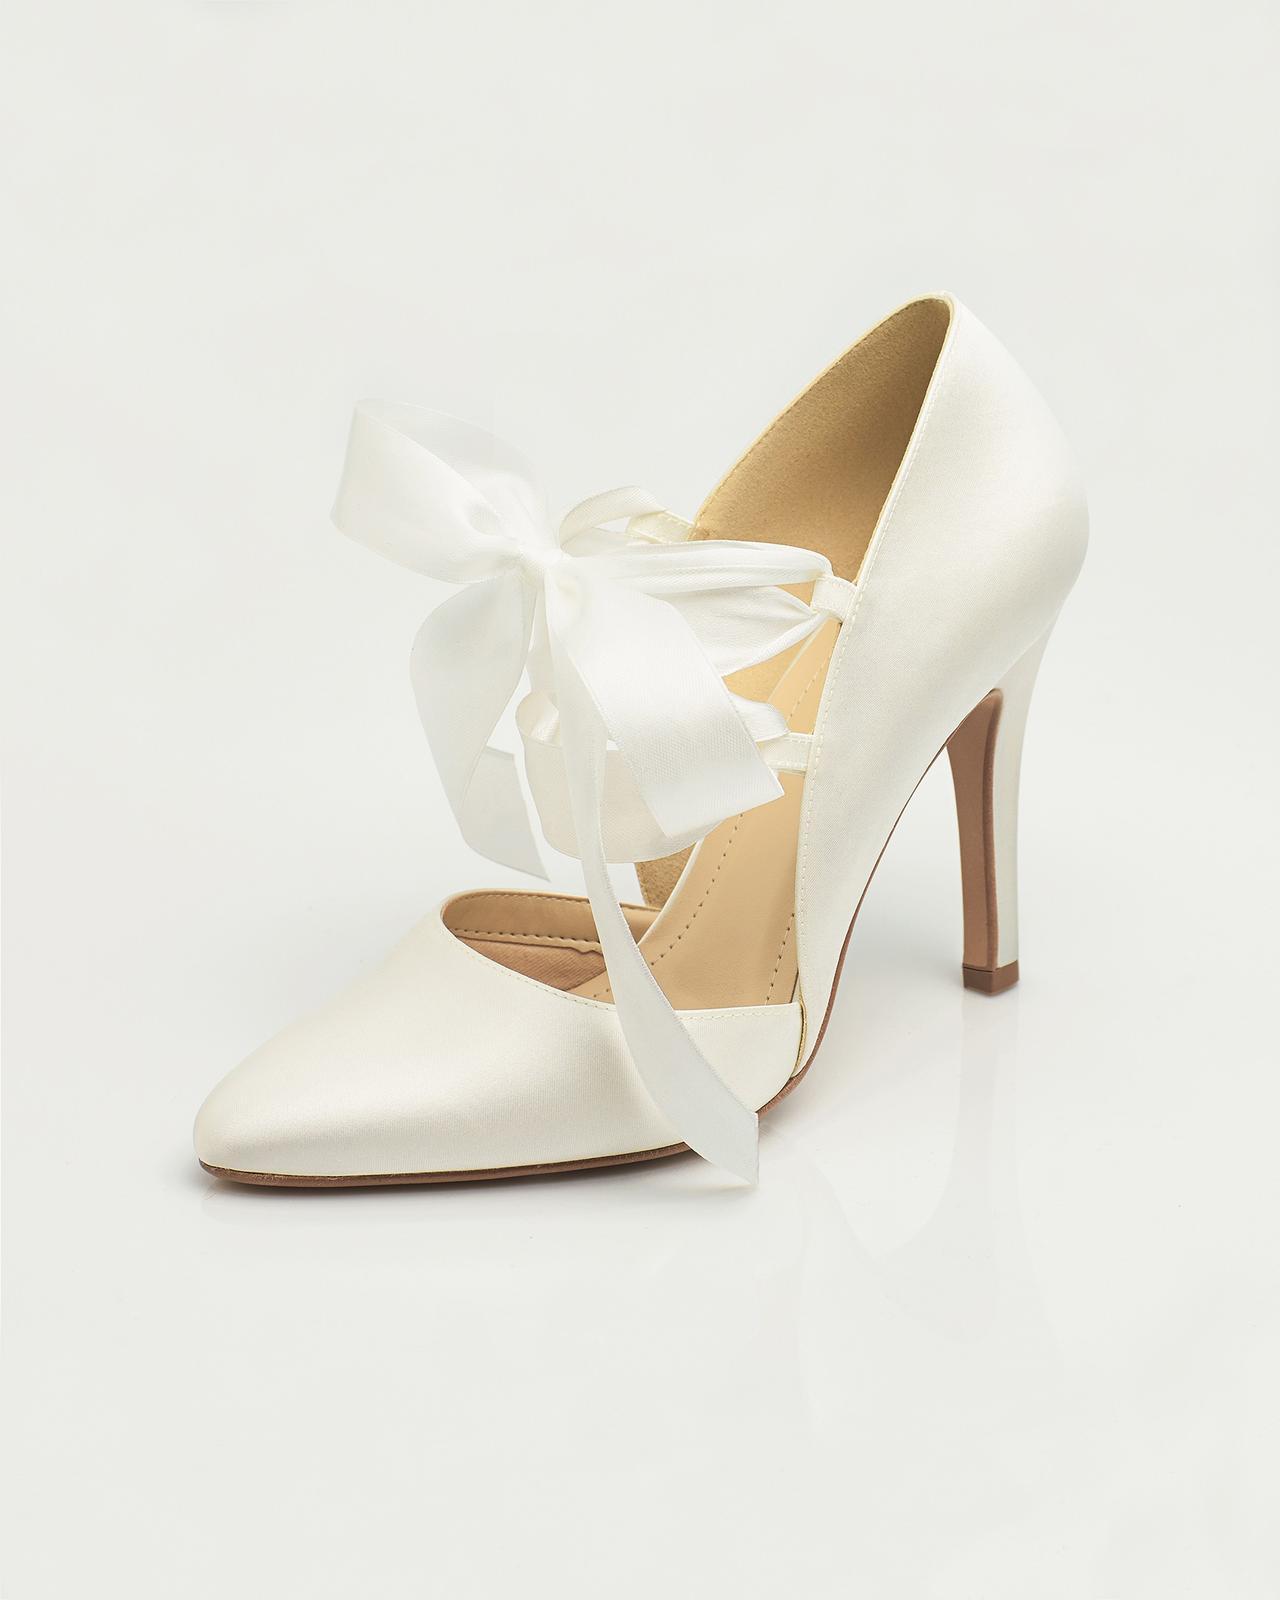 Svadobné topánky Gigi - Obrázok č. 1